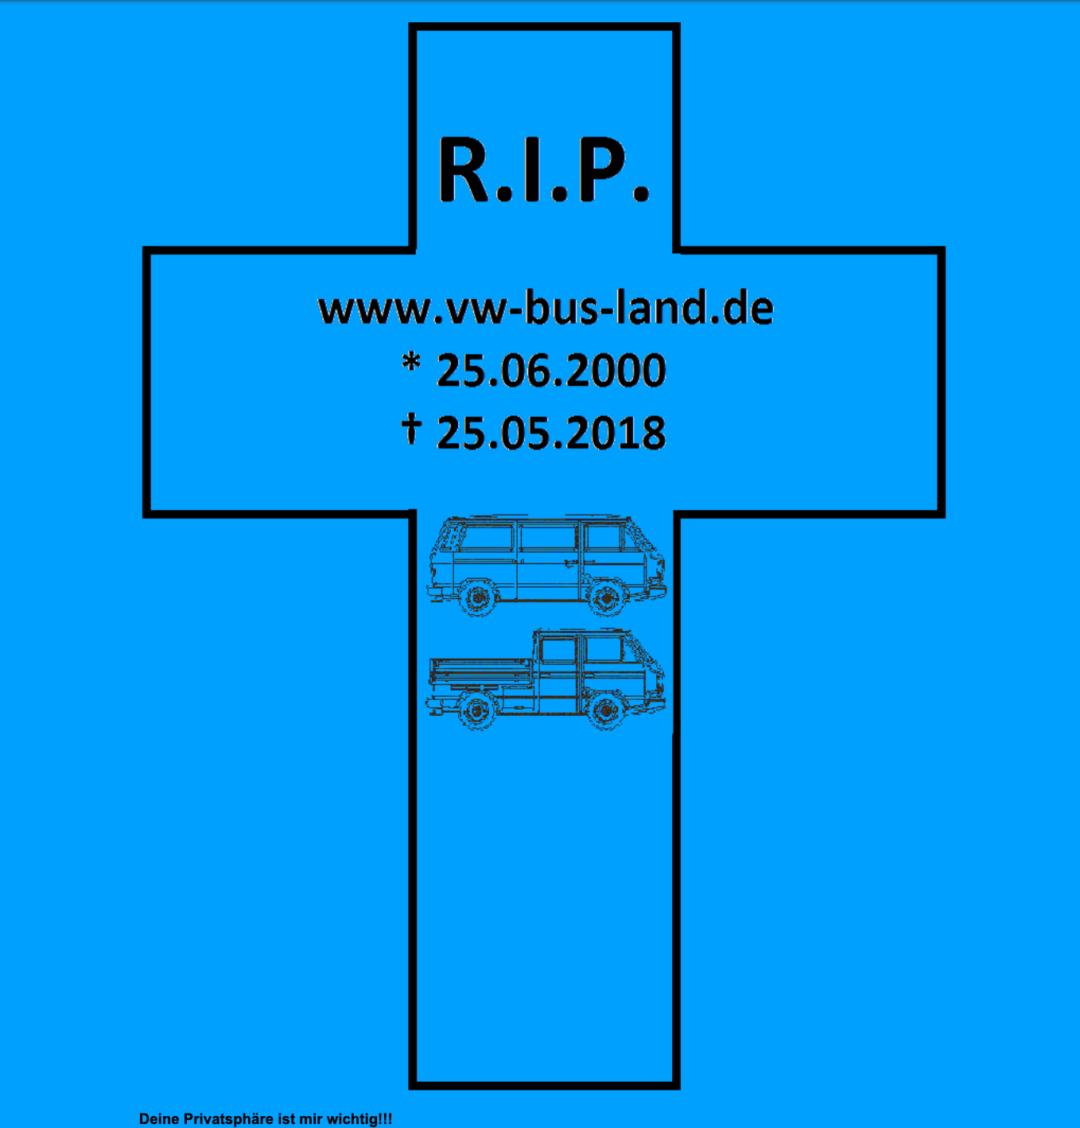 RIP VW-Bus-Land